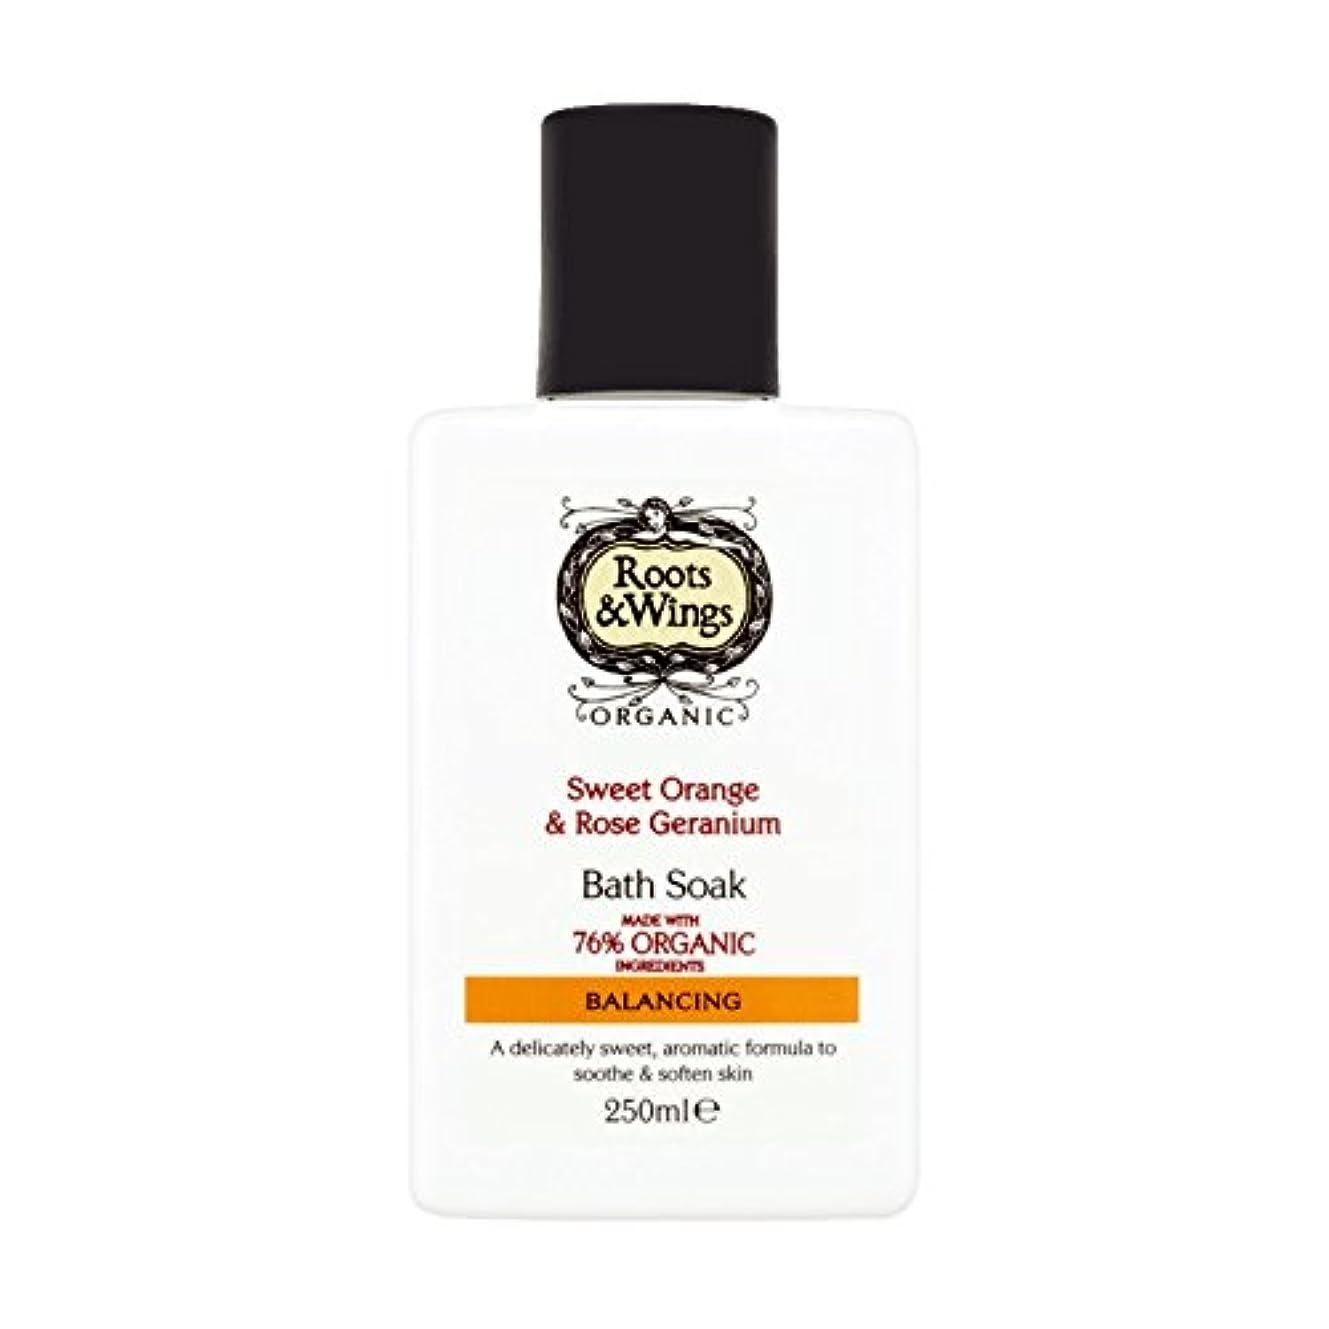 セラフサミット生活Roots & Wings Bath Soak Sweet Orange & Rose Geranium 250ml (Pack of 6) - ルーツ&翼バス甘いオレンジを浸し&ゼラニウム250ミリリットルをバラ (x6...